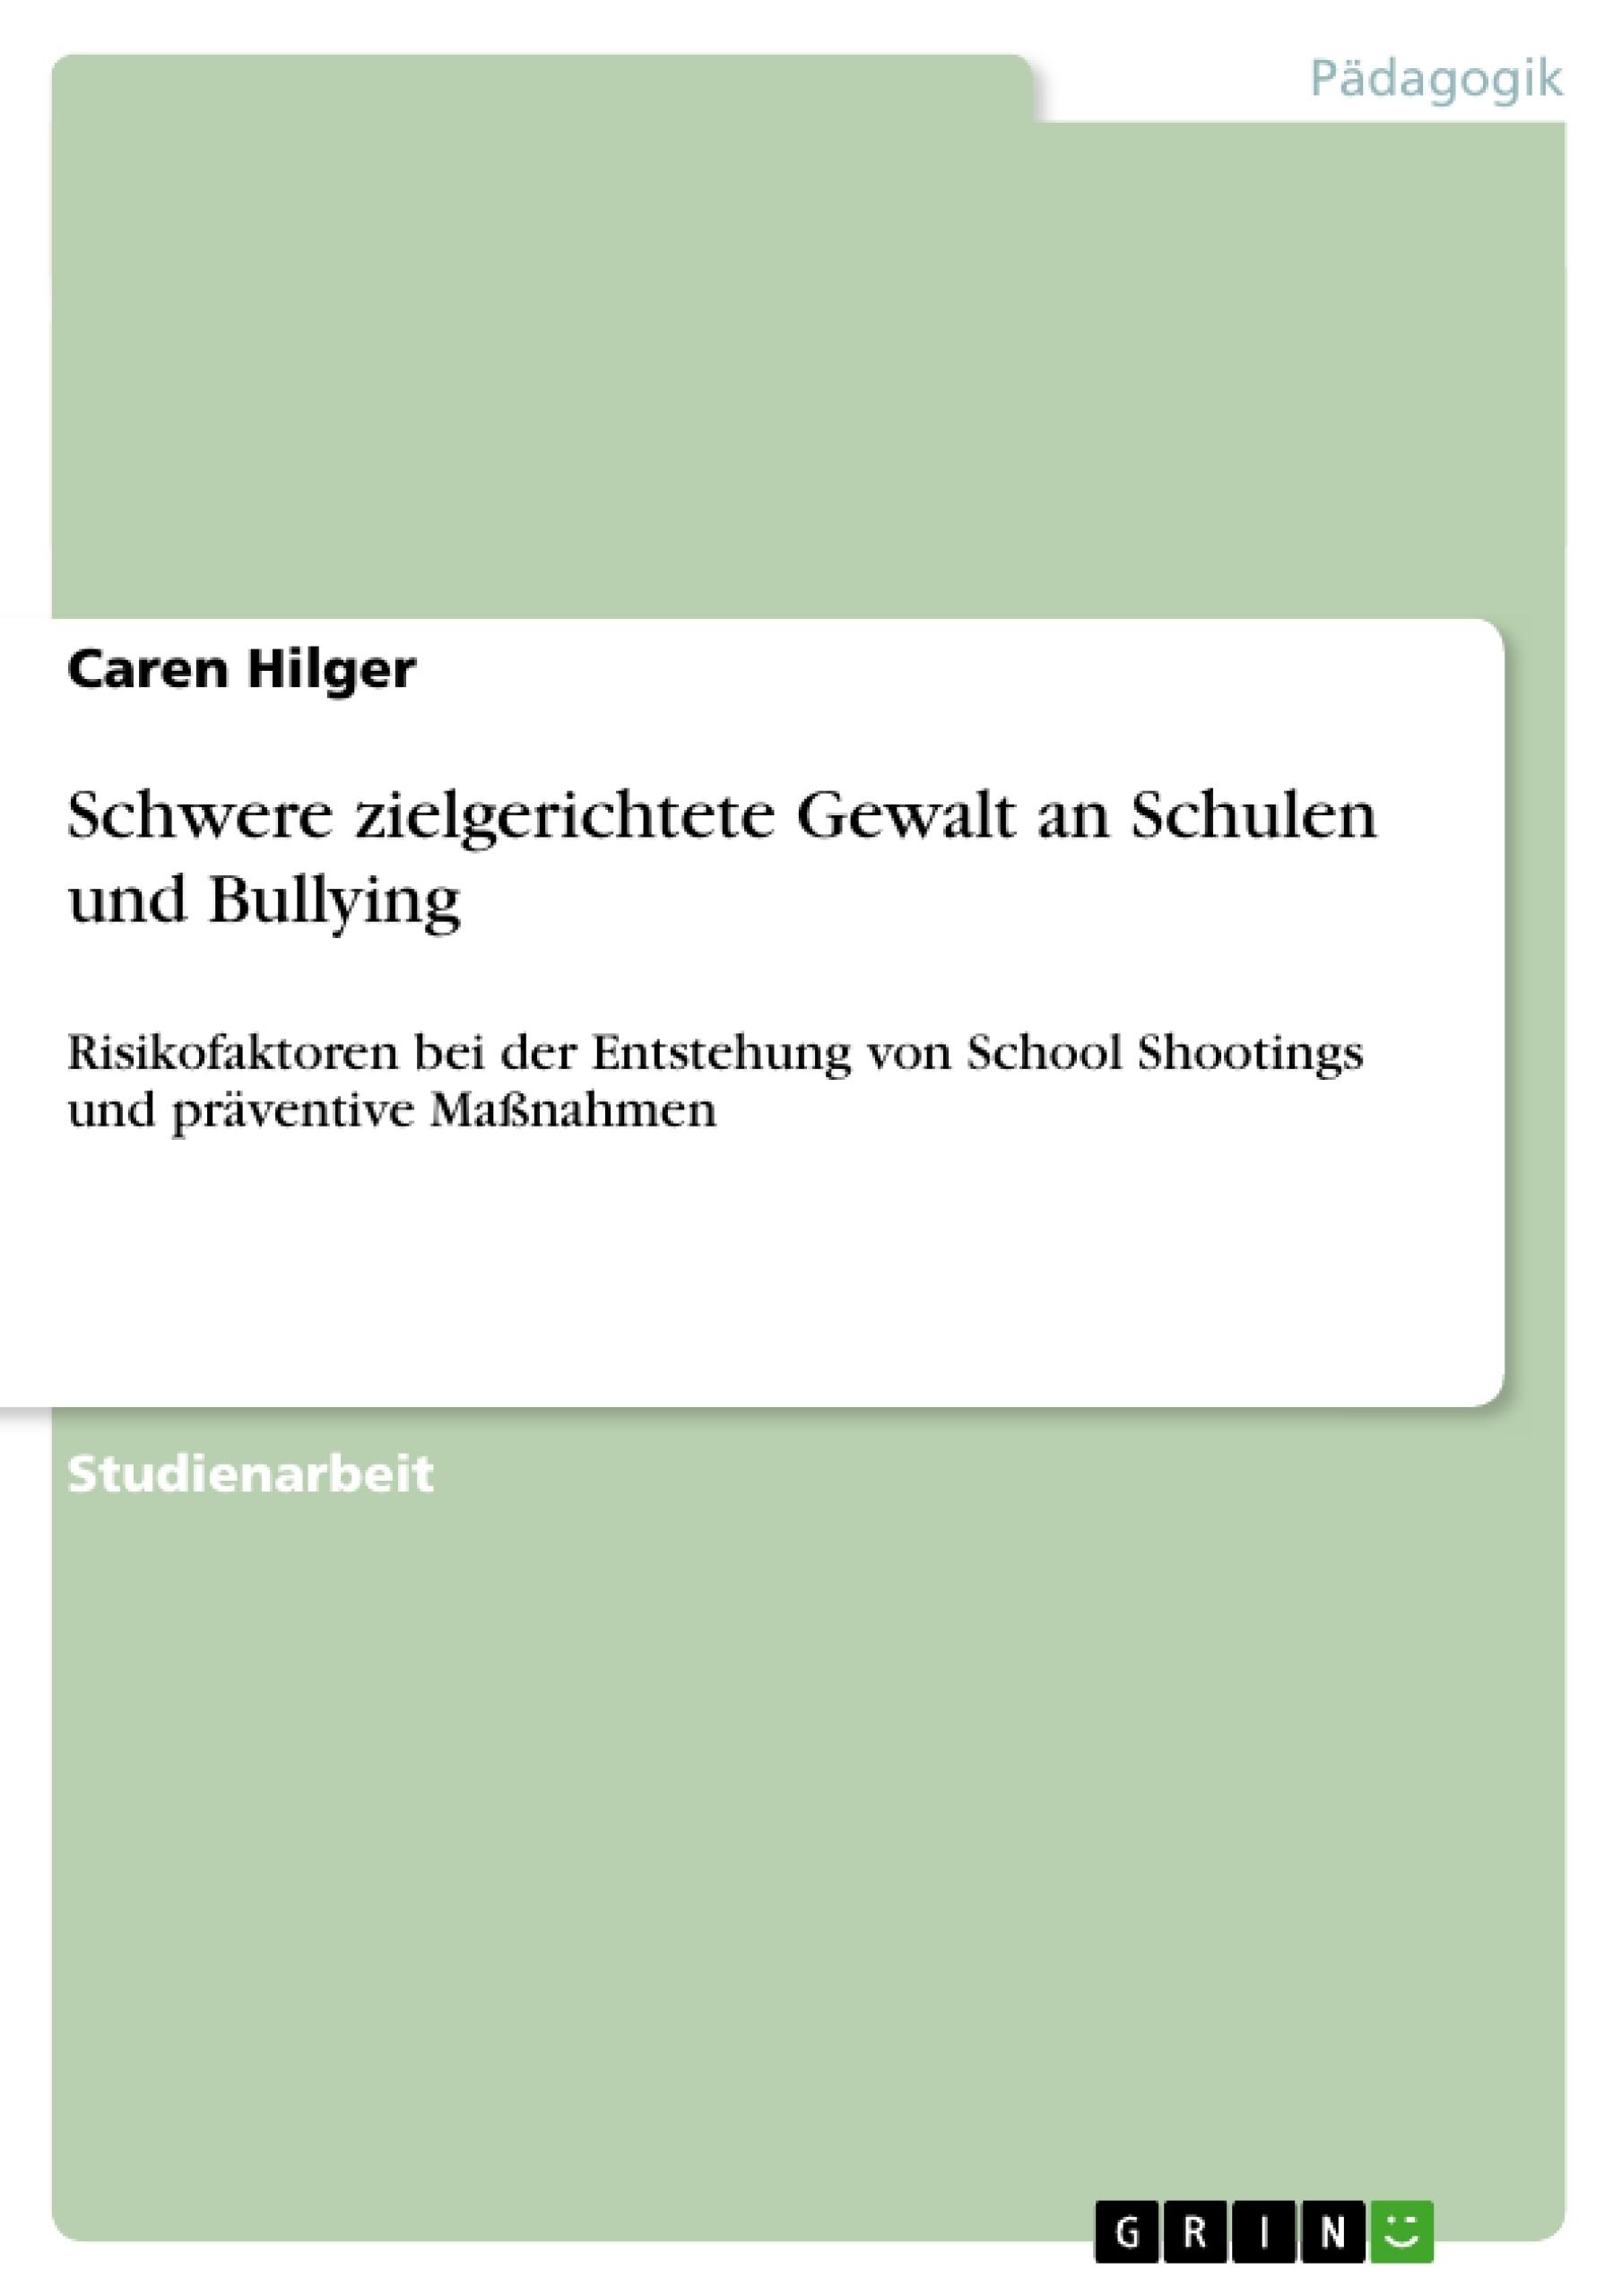 Titel: Schwere zielgerichtete Gewalt an Schulen und Bullying